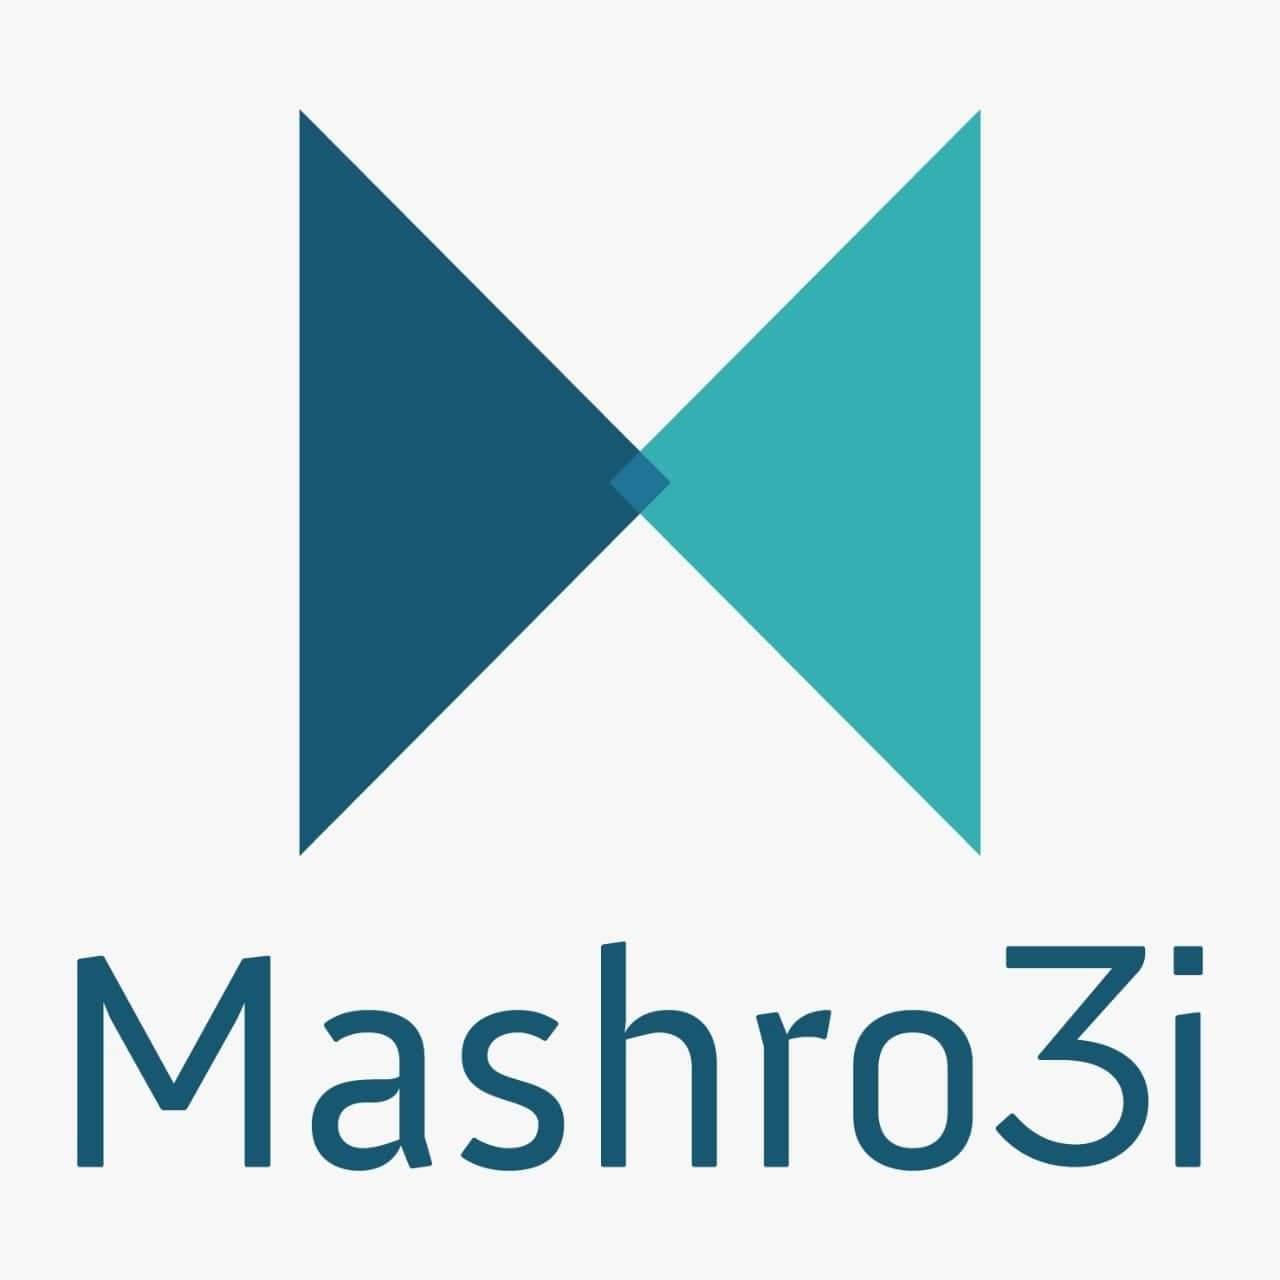 Mashro3i